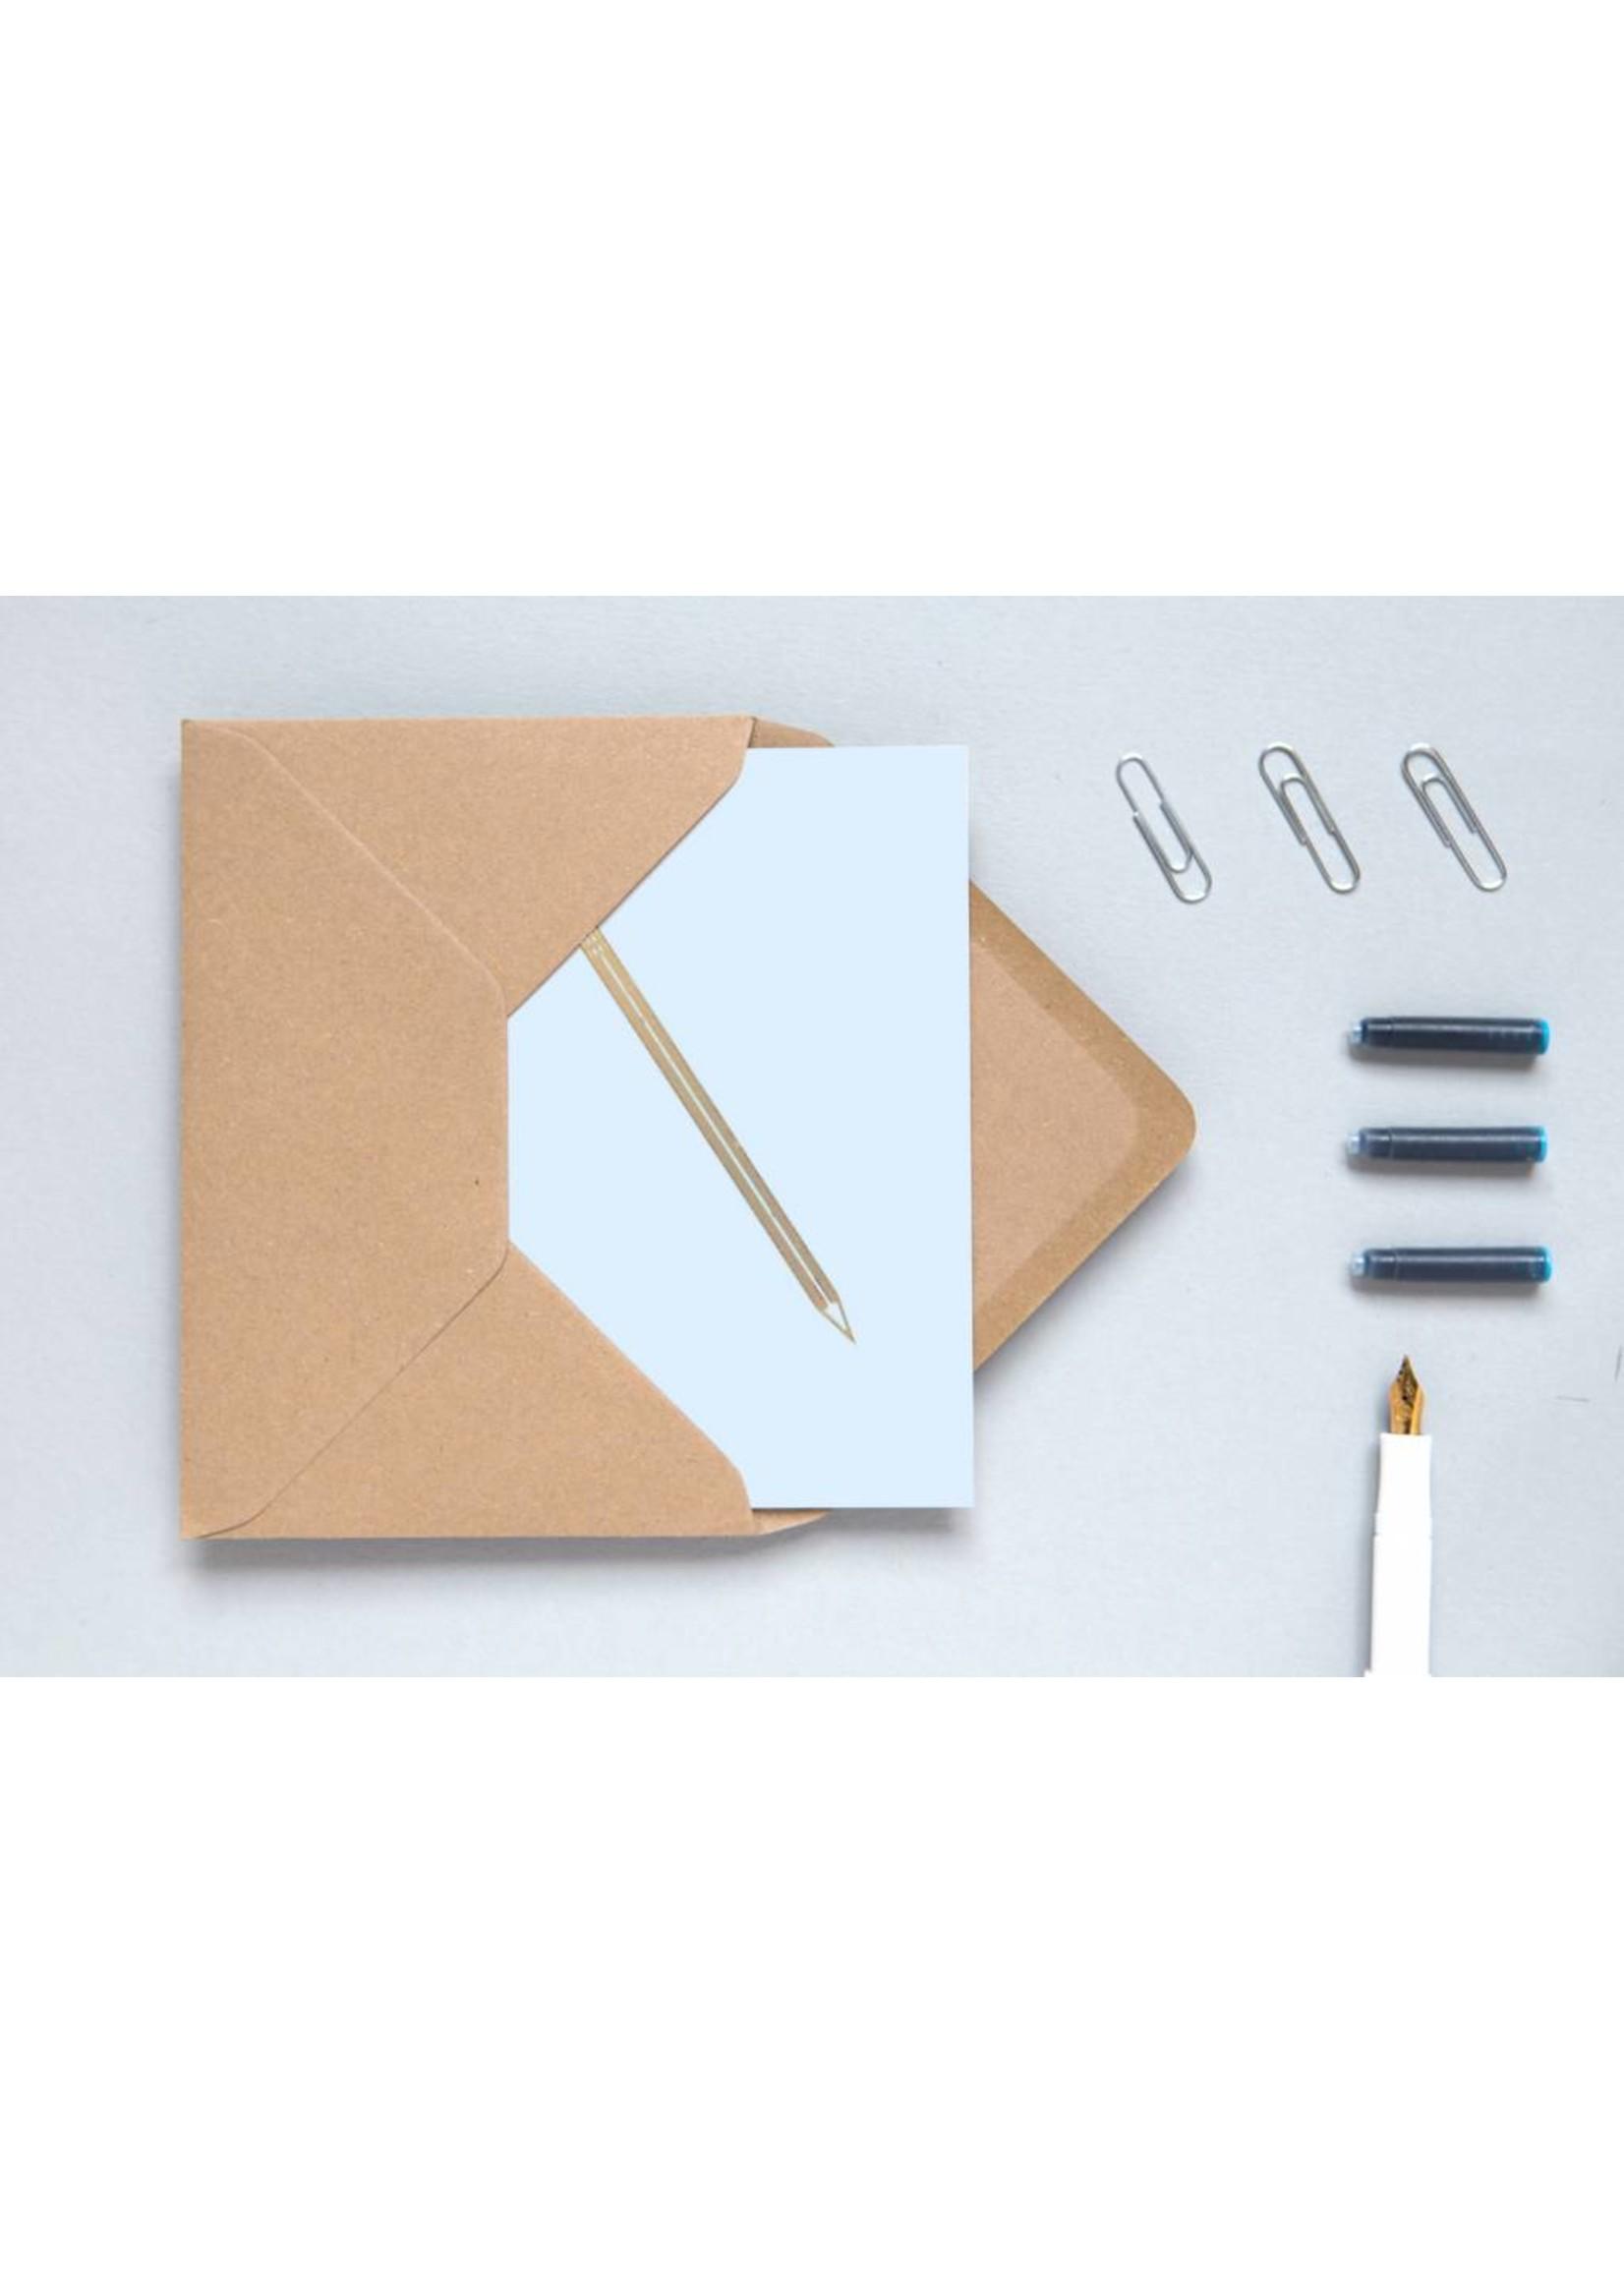 Ola Ola Foil Blocked Cards: Pencil Blue/Brass